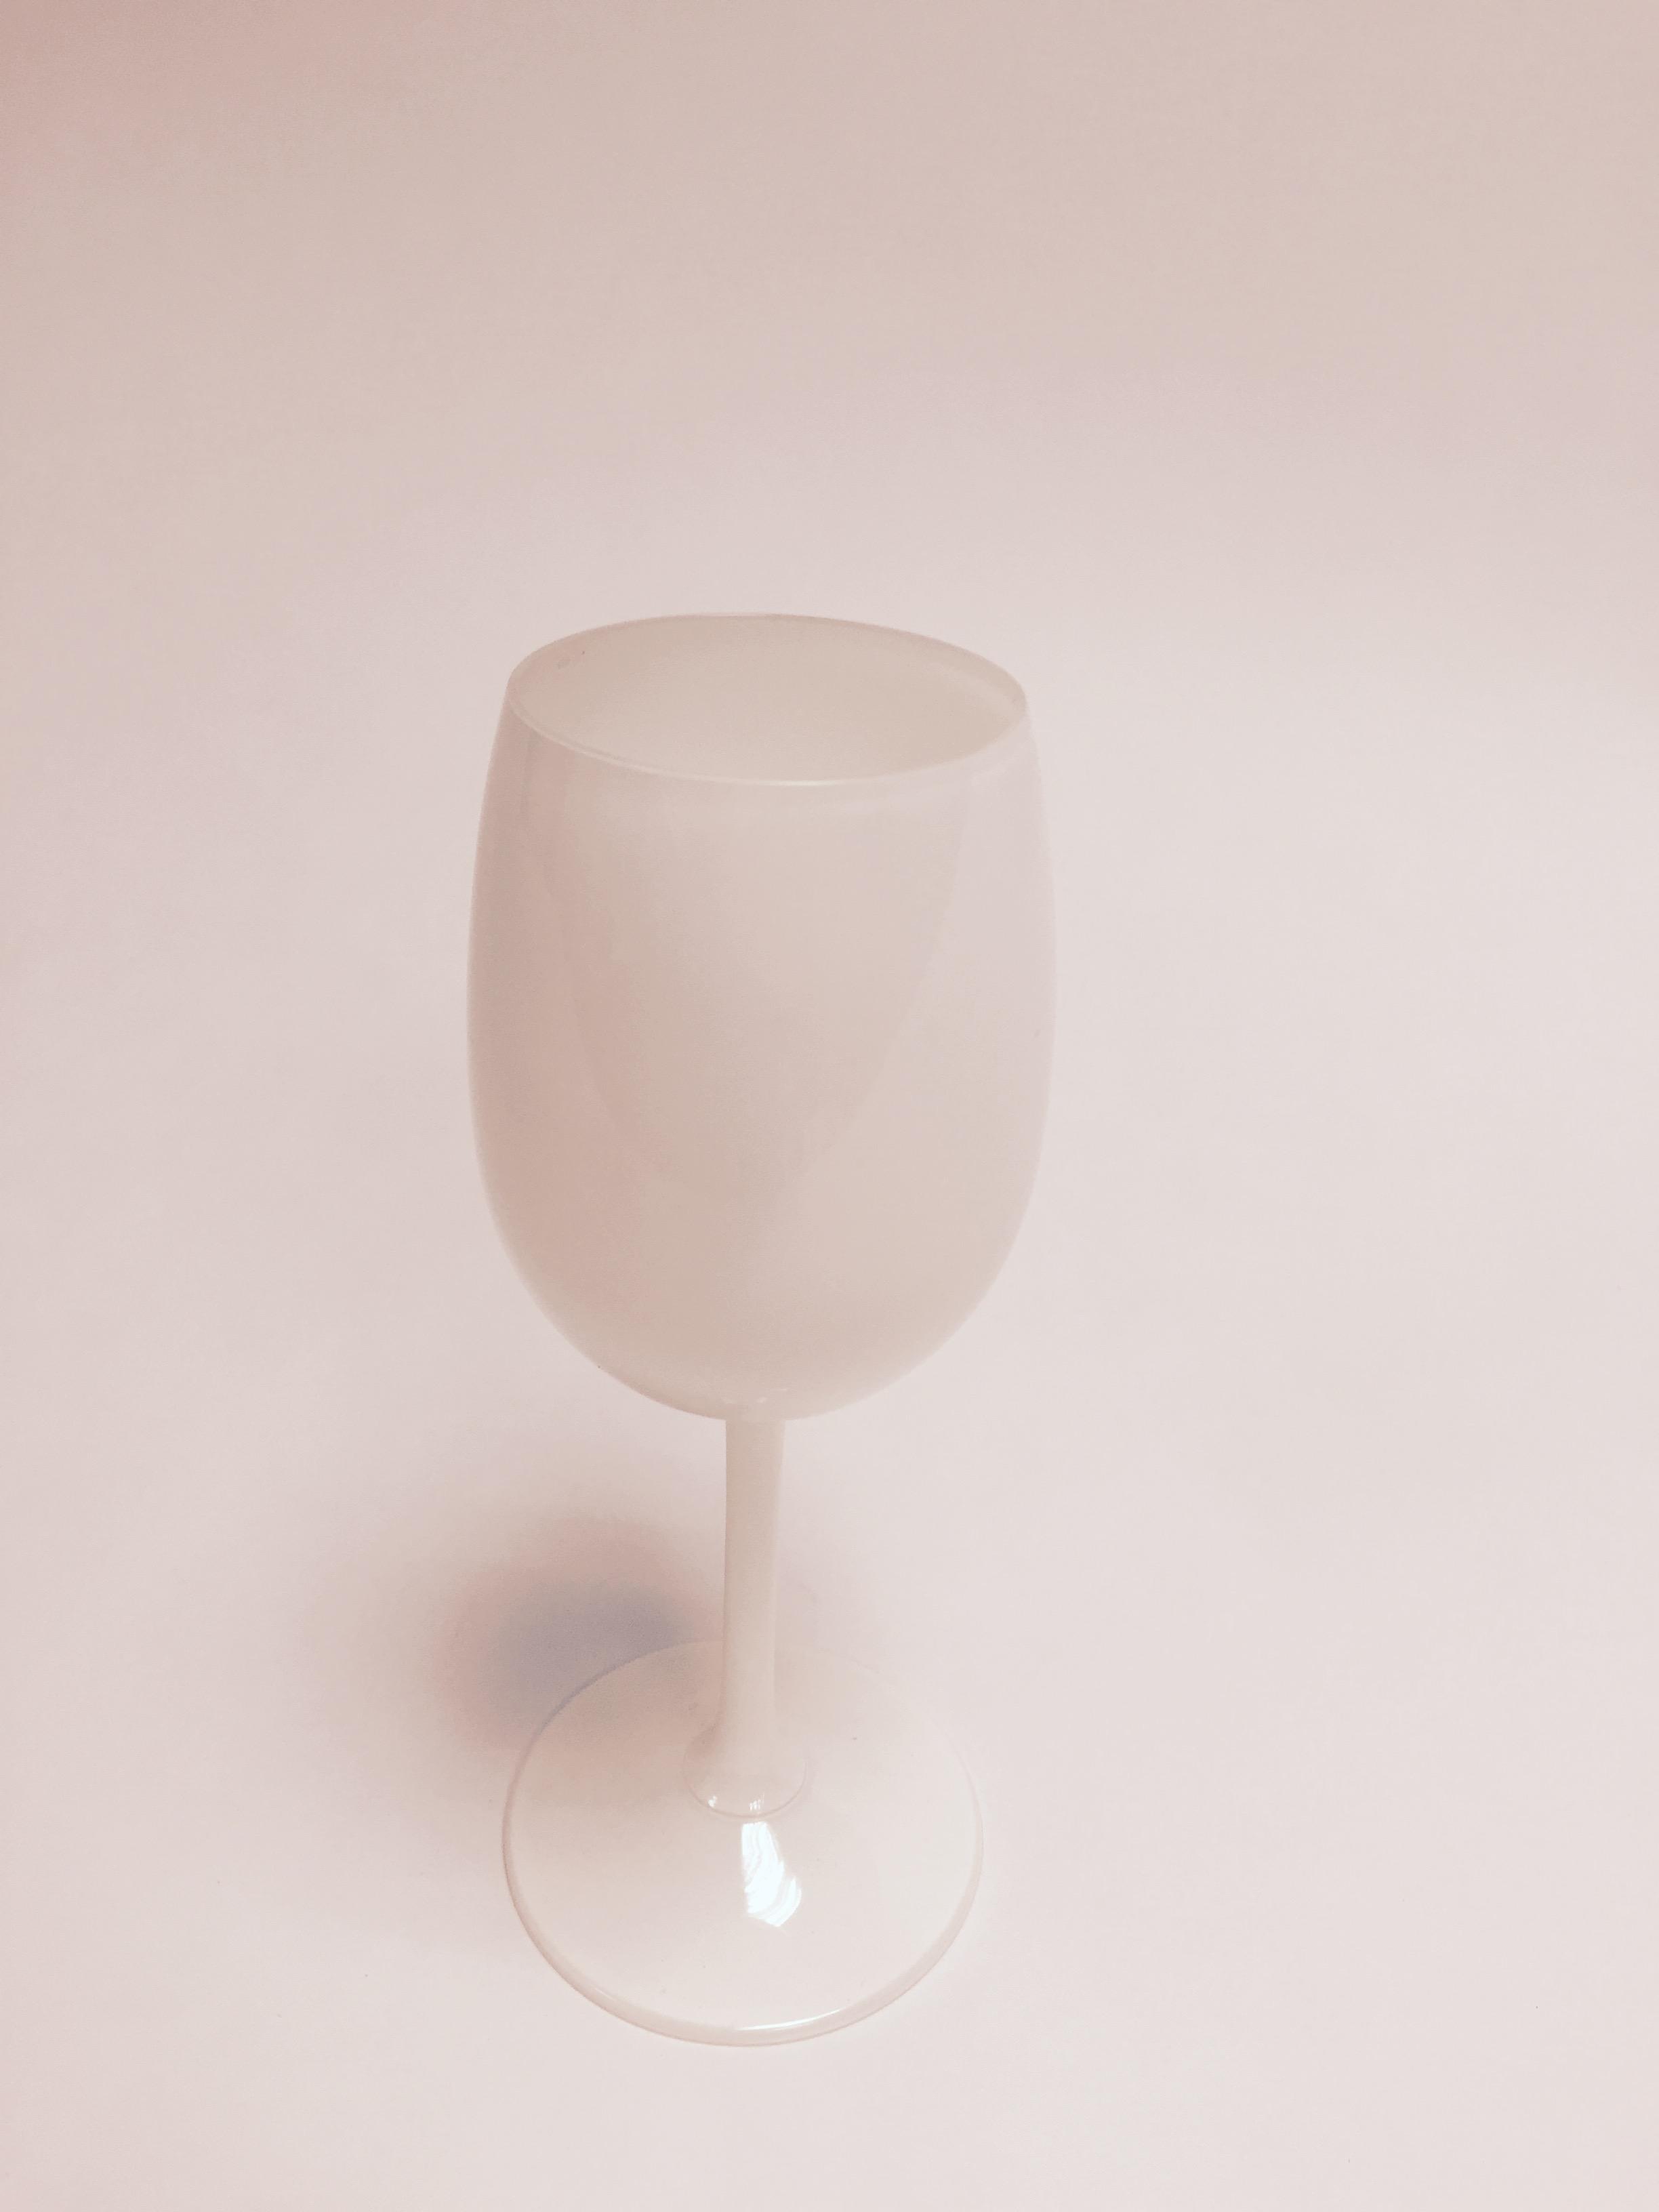 salto blanc verre 20cl